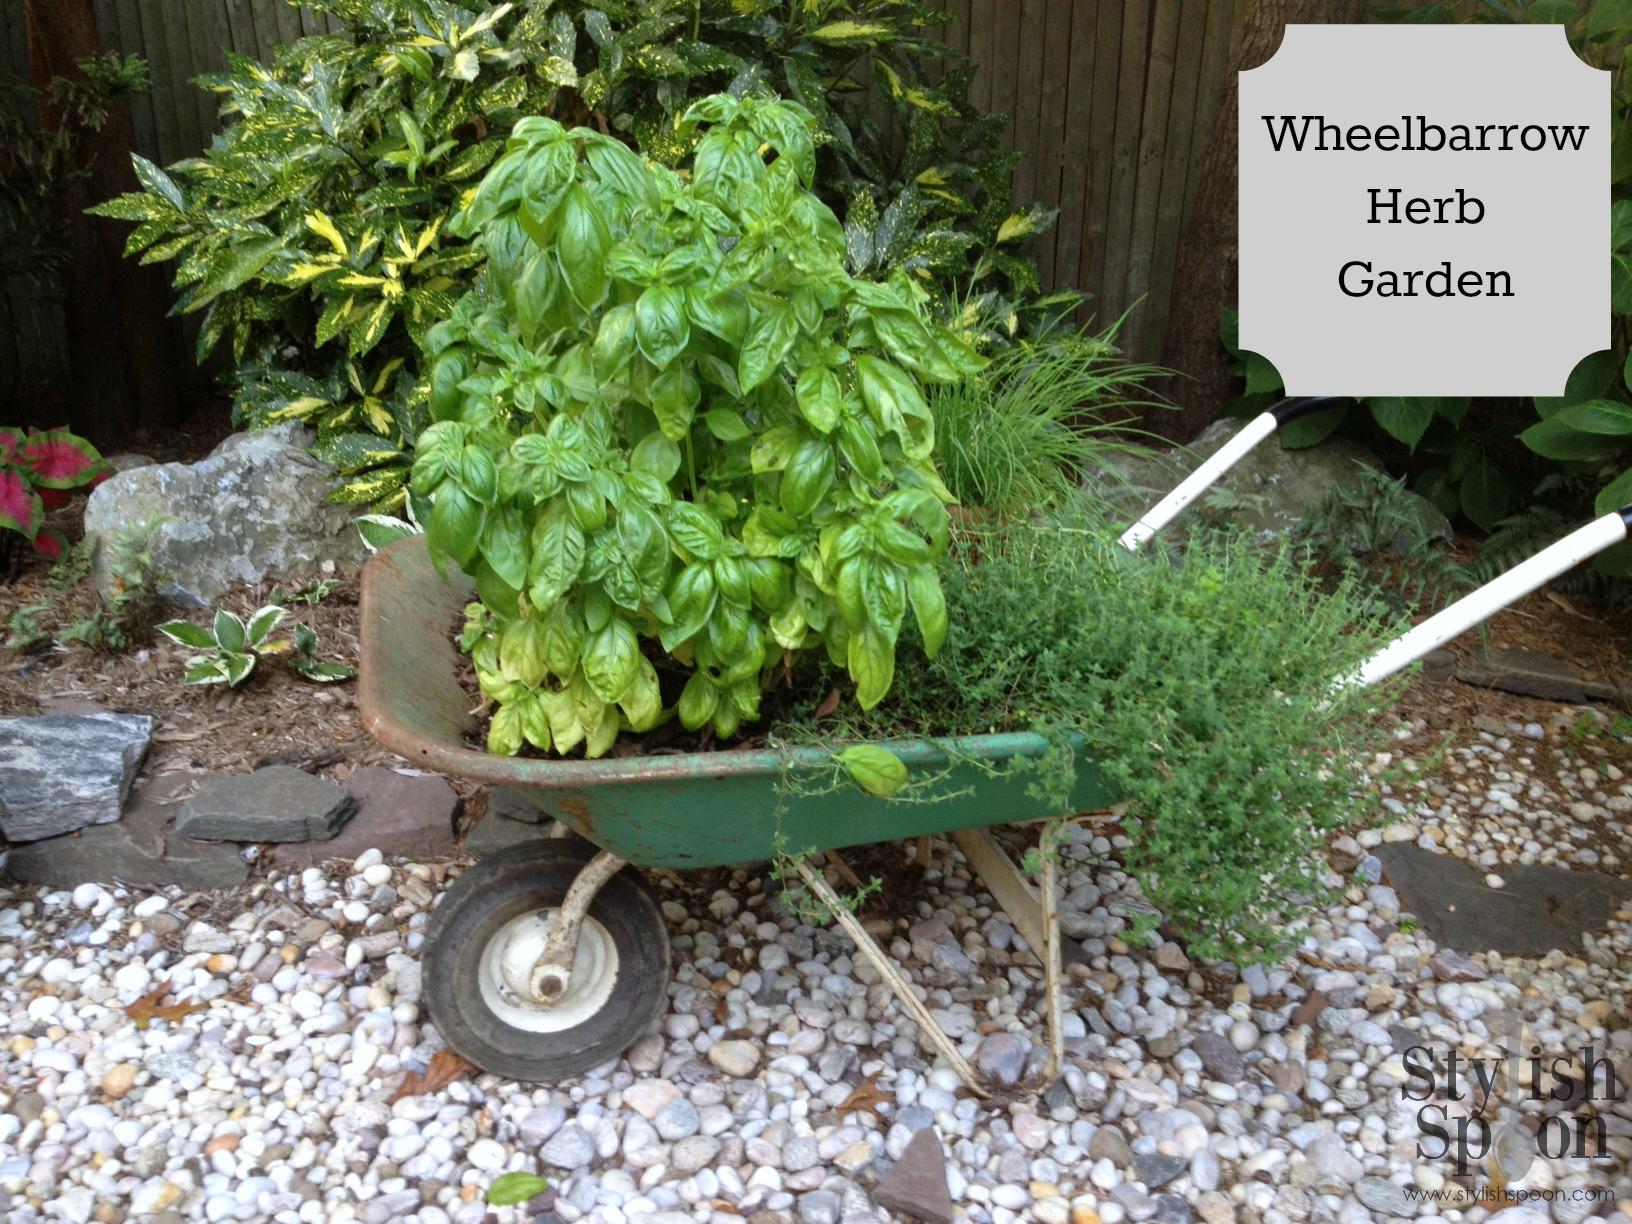 DIY Reclaimed Wheelbarrow Container Herb Garden